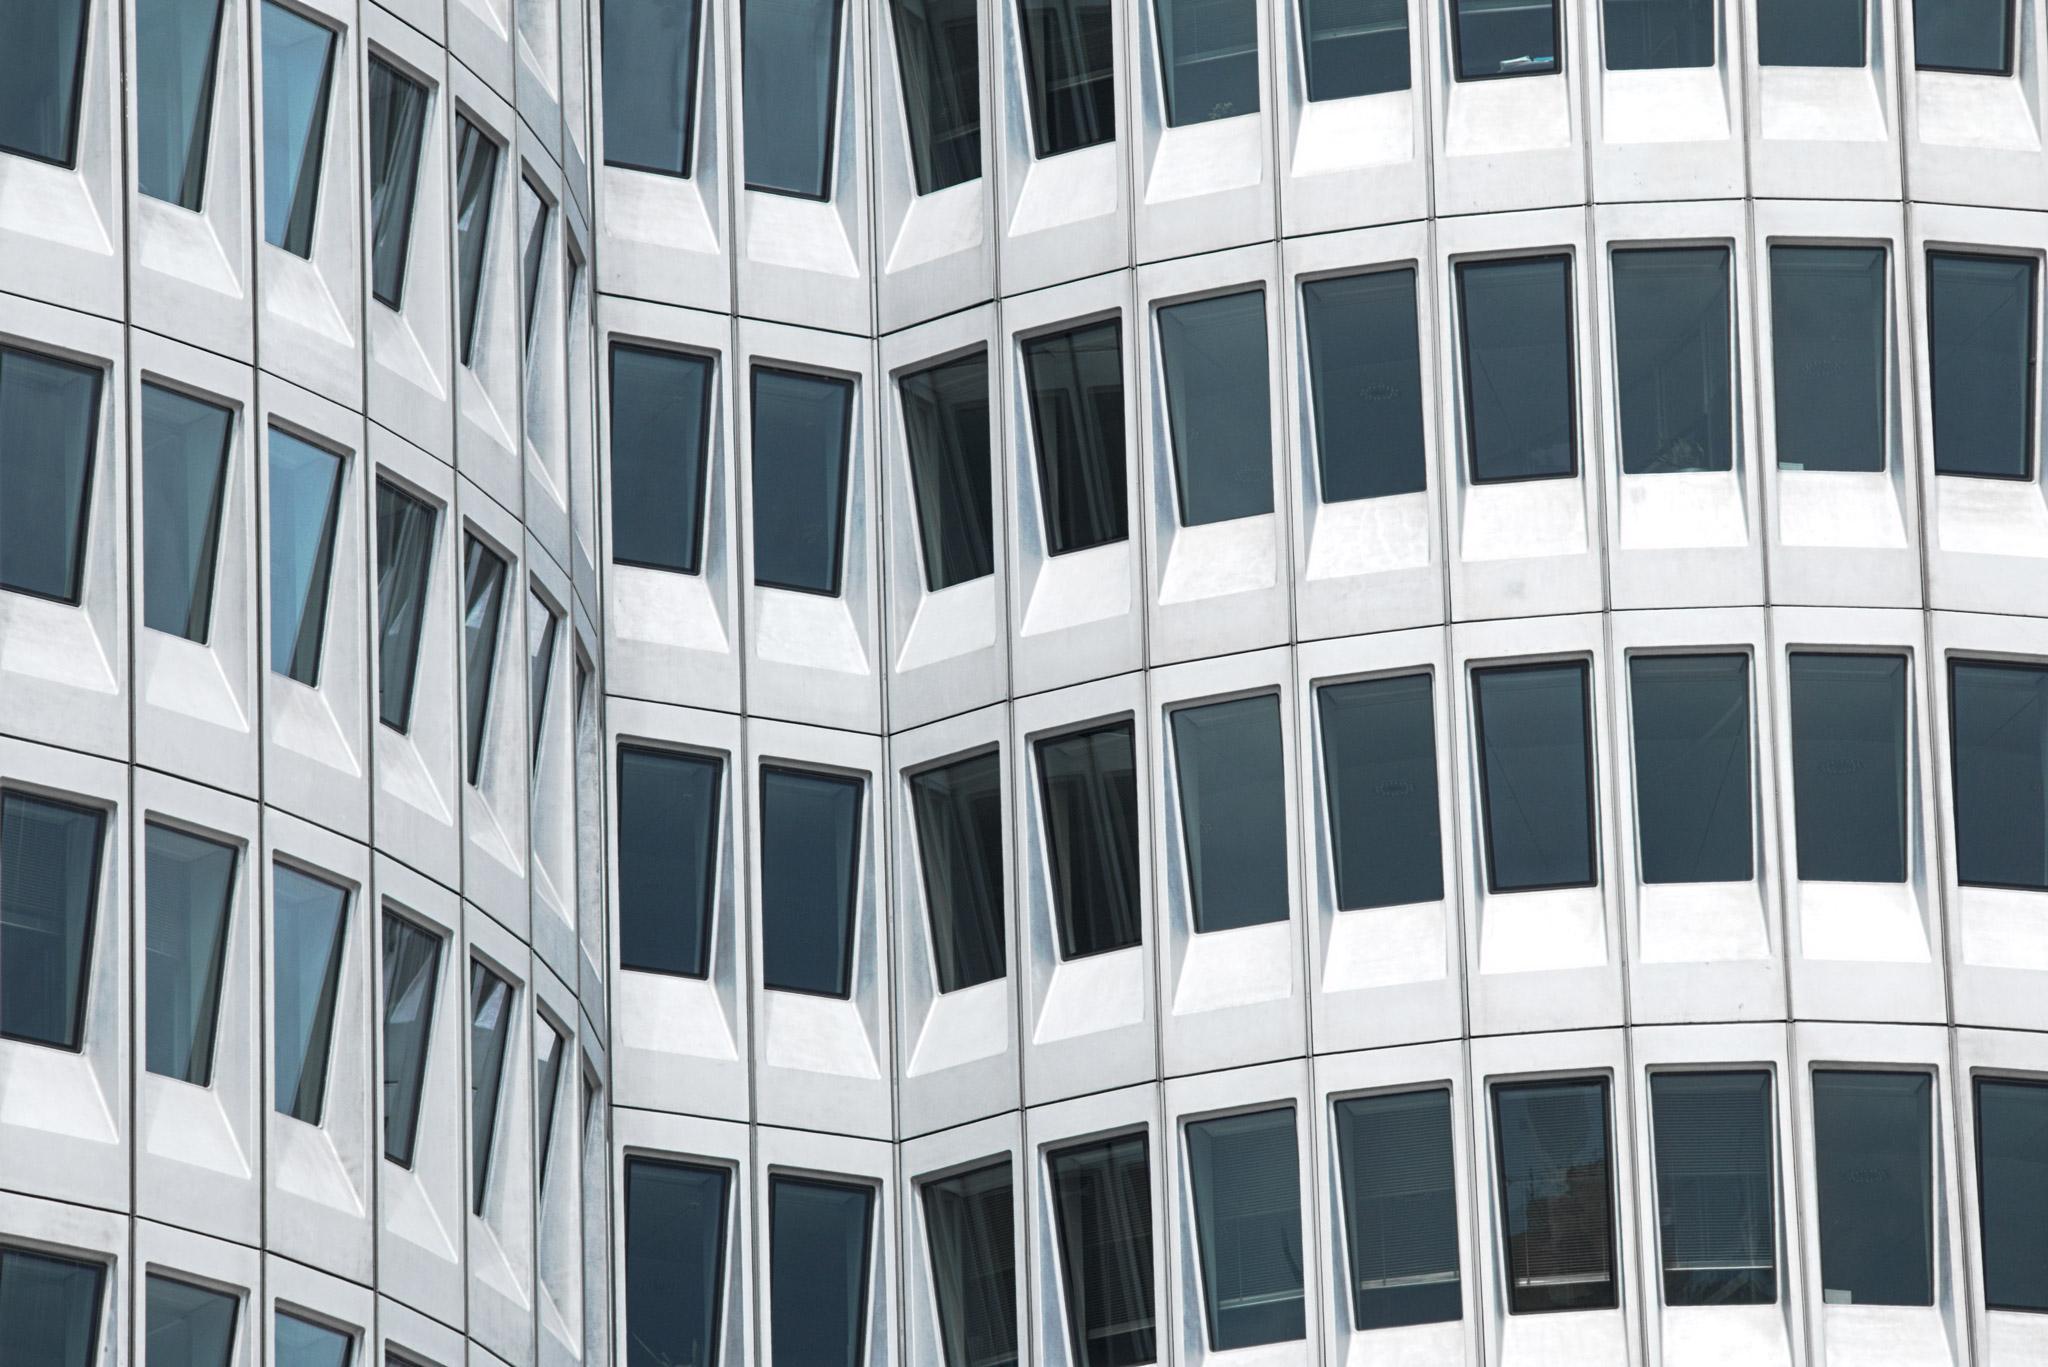 Fensterfront (Foto: Alois Komenda)